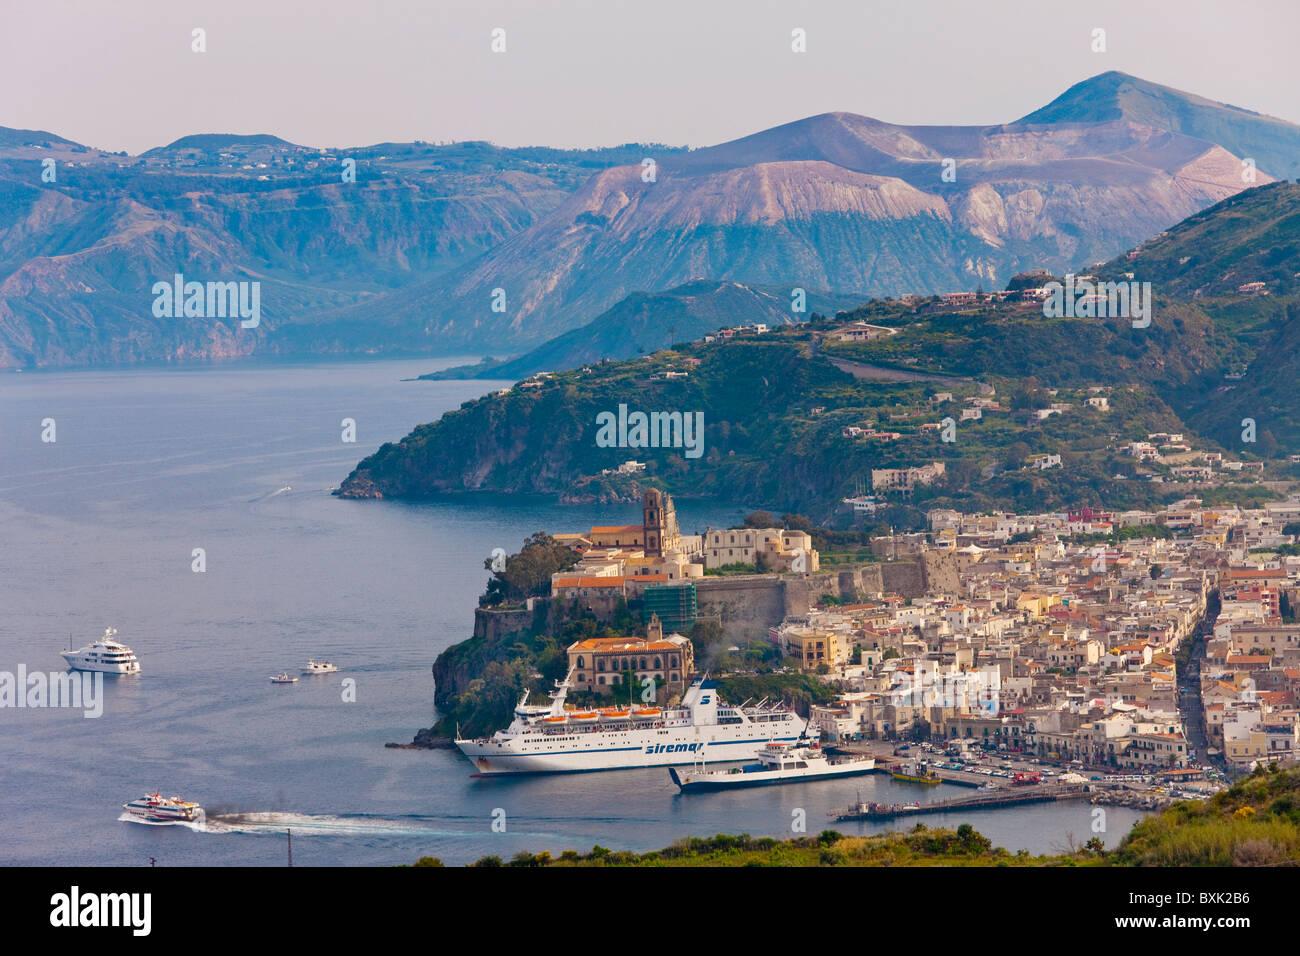 La città di Lipari, Isola di Lipari, Isole Eolie, Italia, Europa Immagini Stock